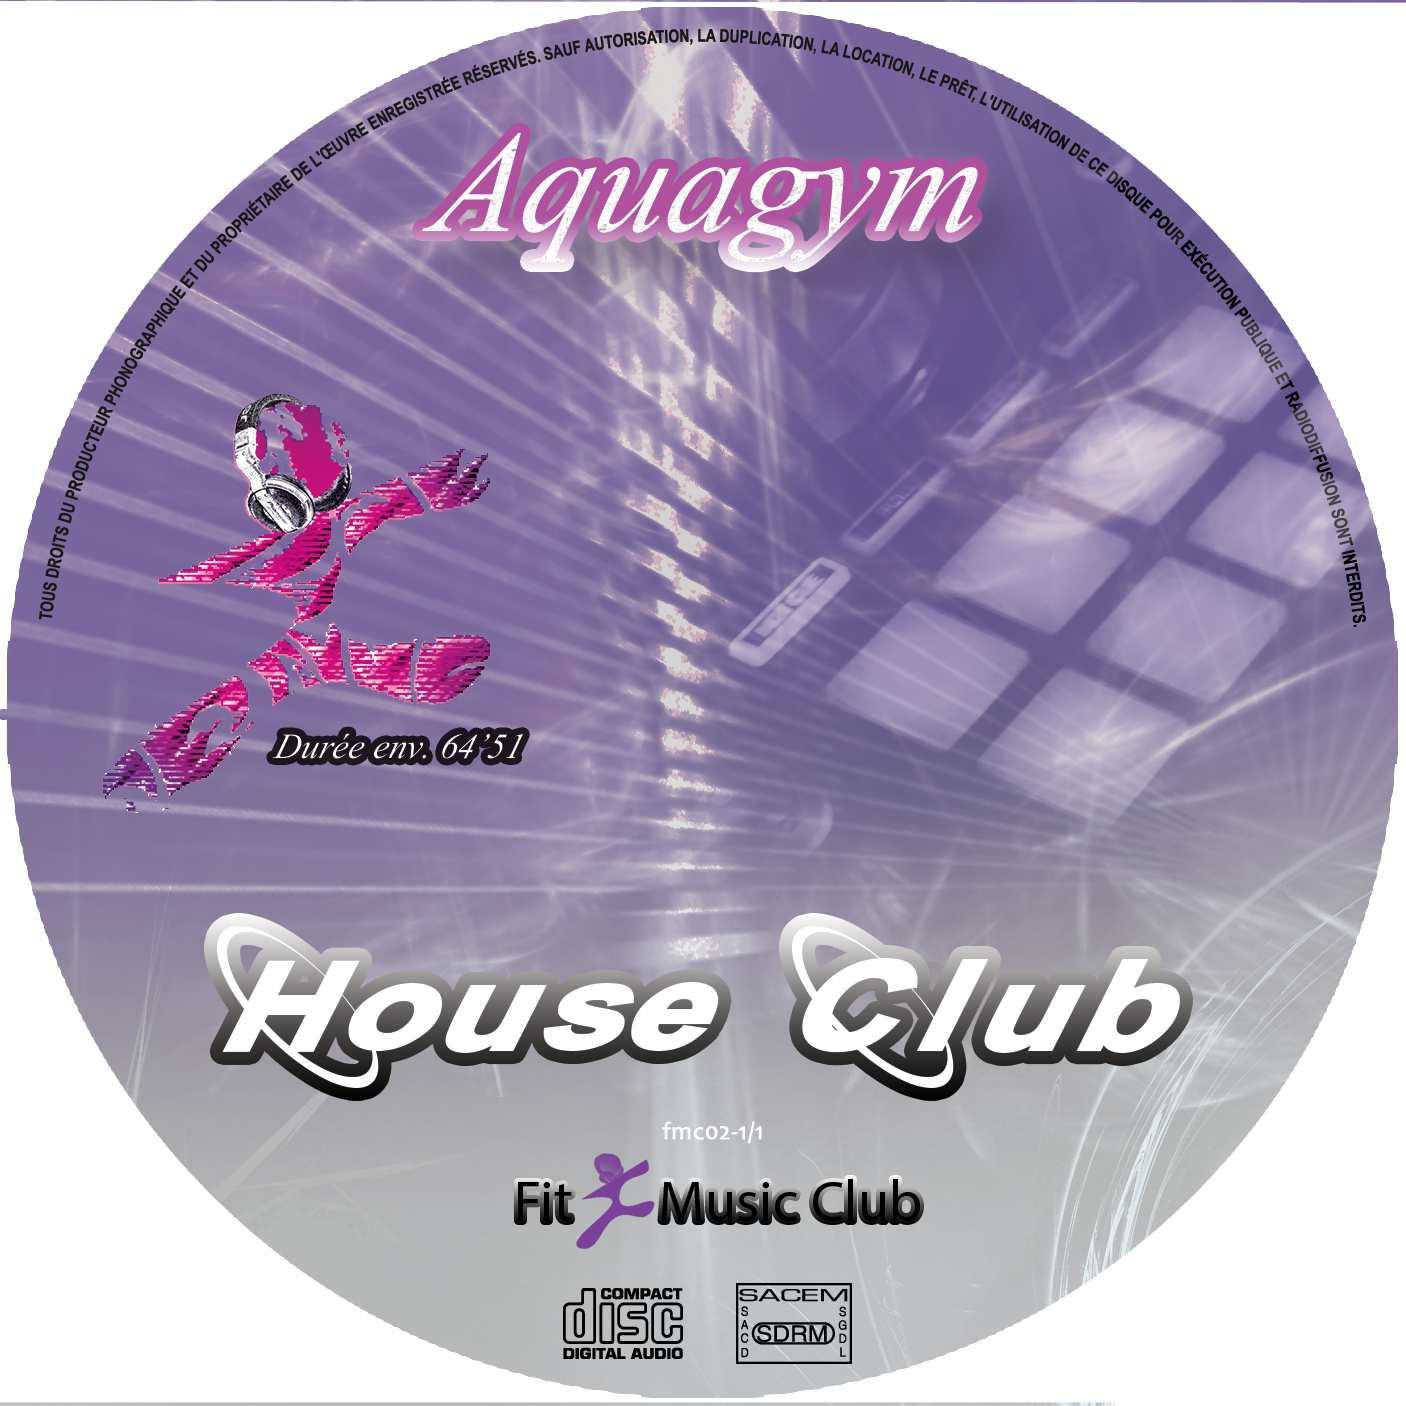 Cd House Club Aquagym